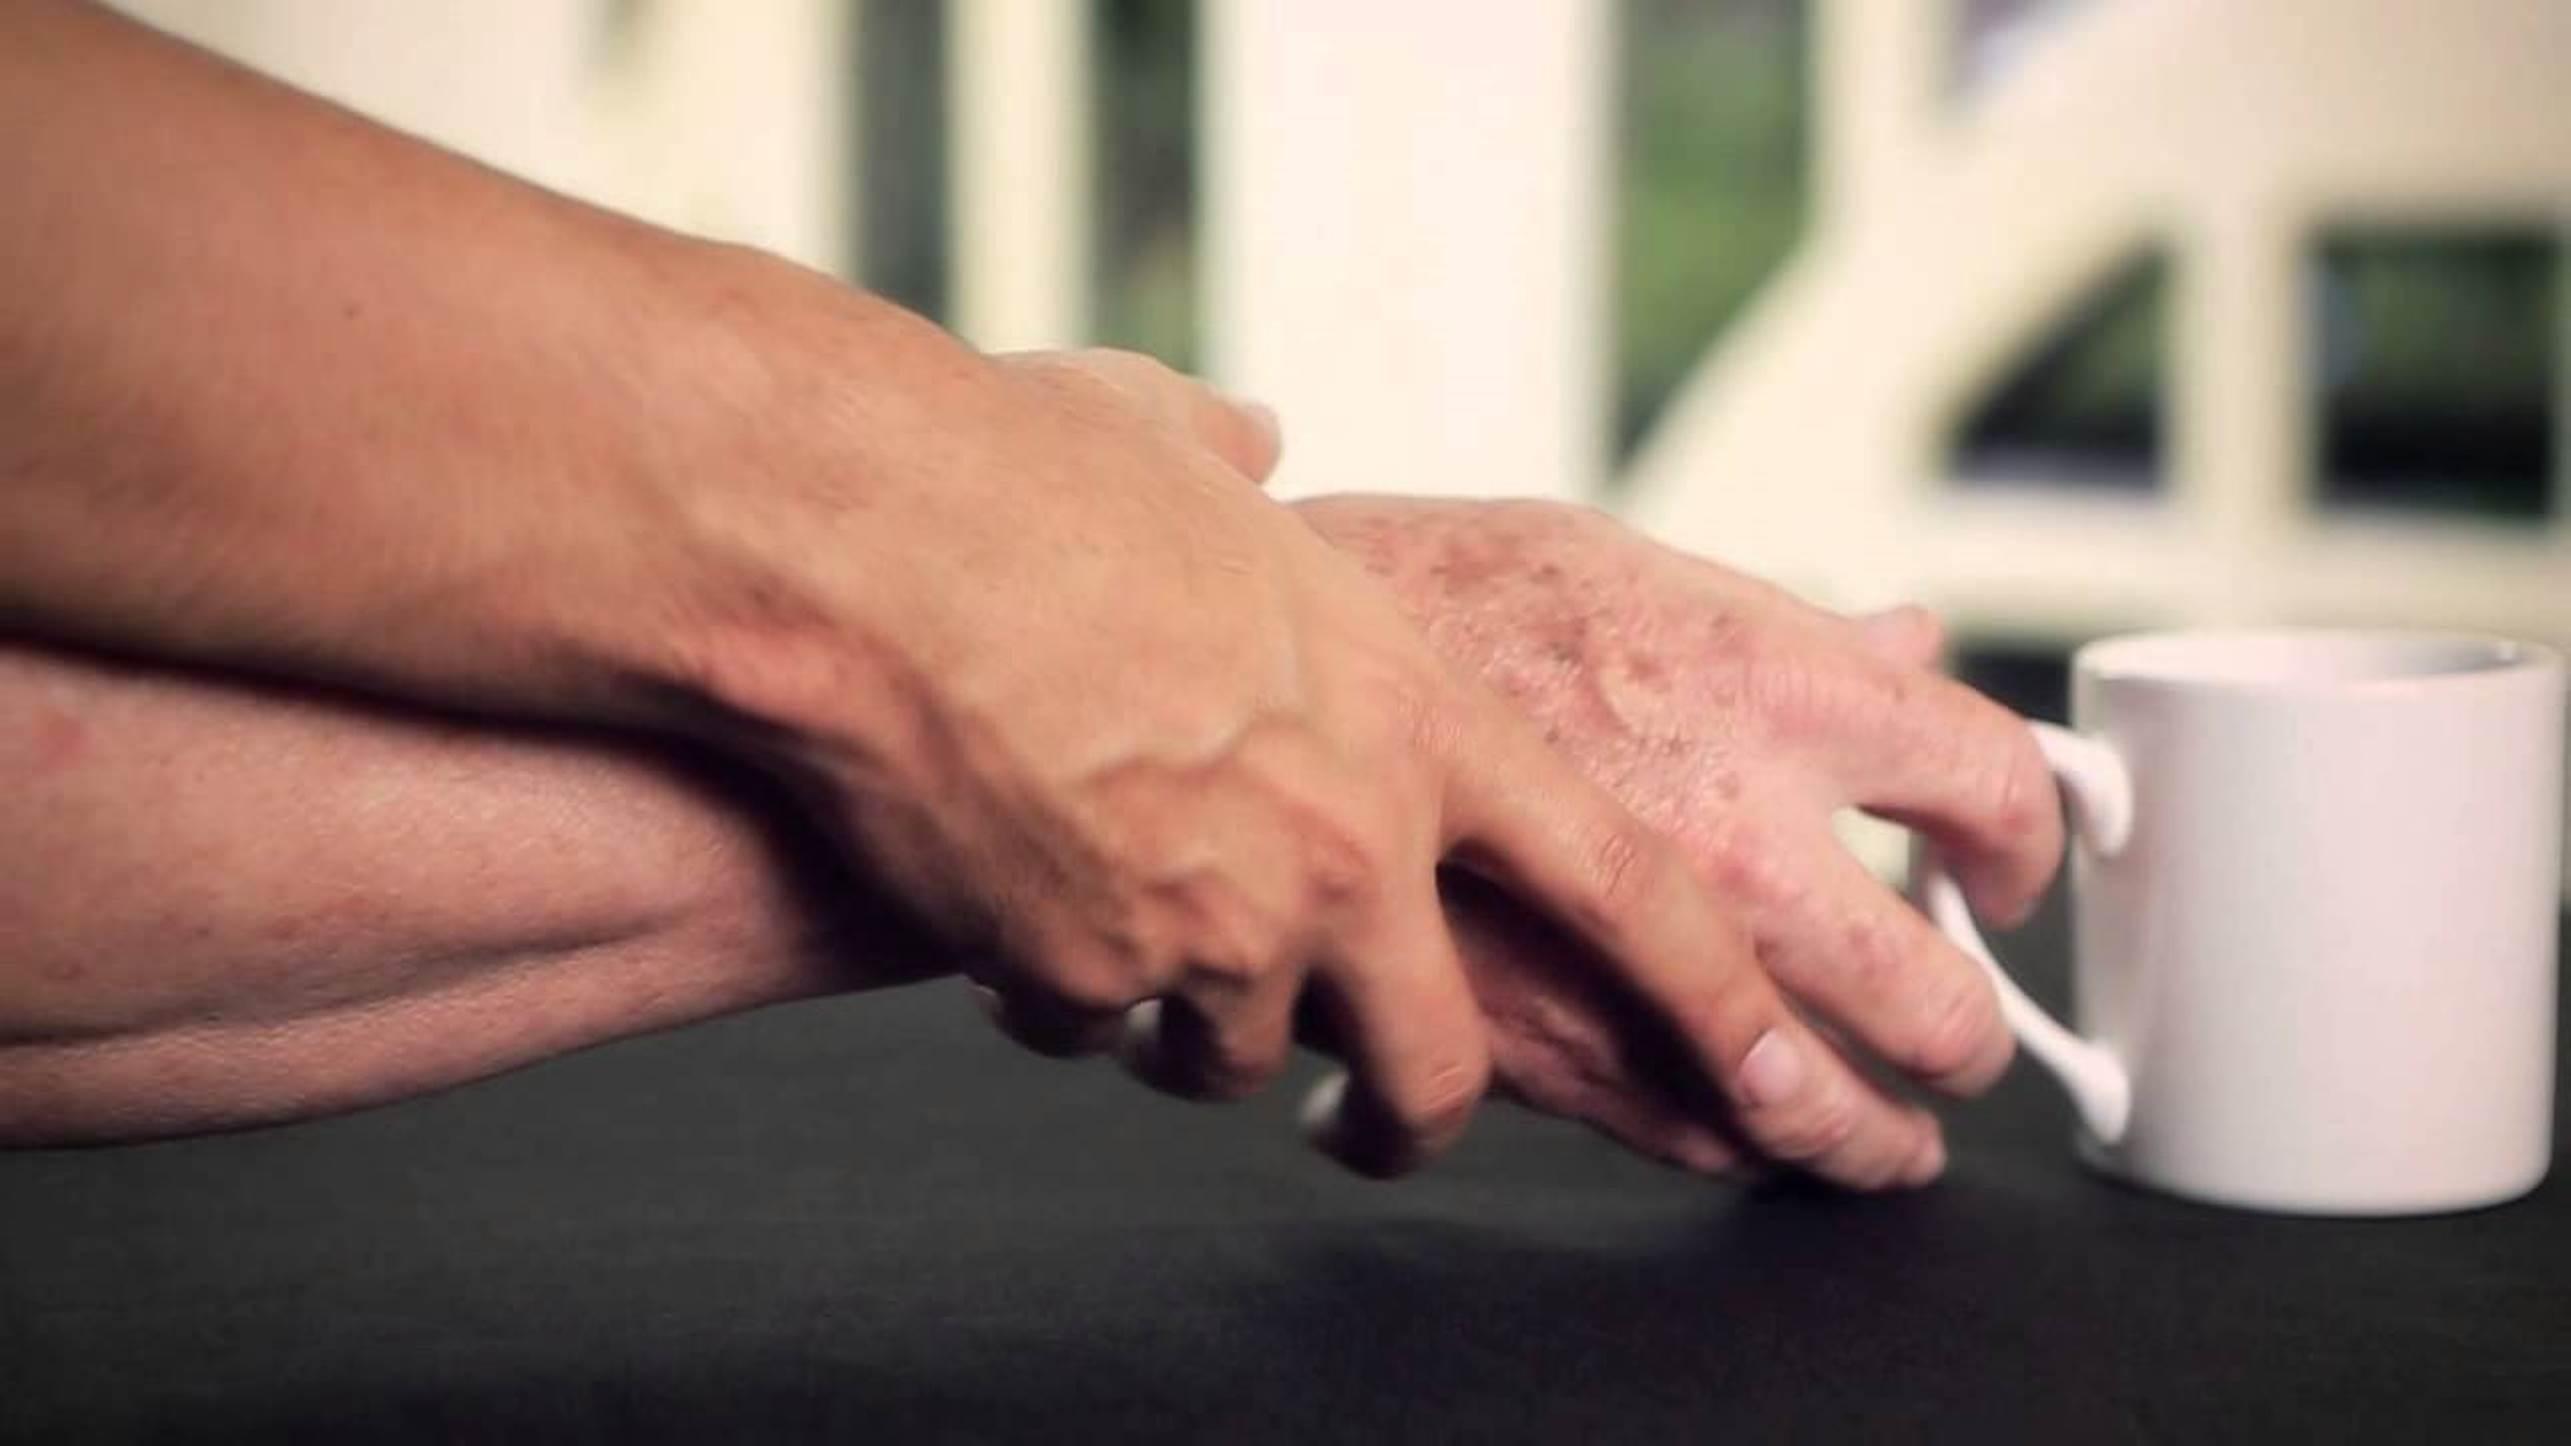 Инъекция особого вируса прямо в мозг облегчила симптомы болезни Паркинсона